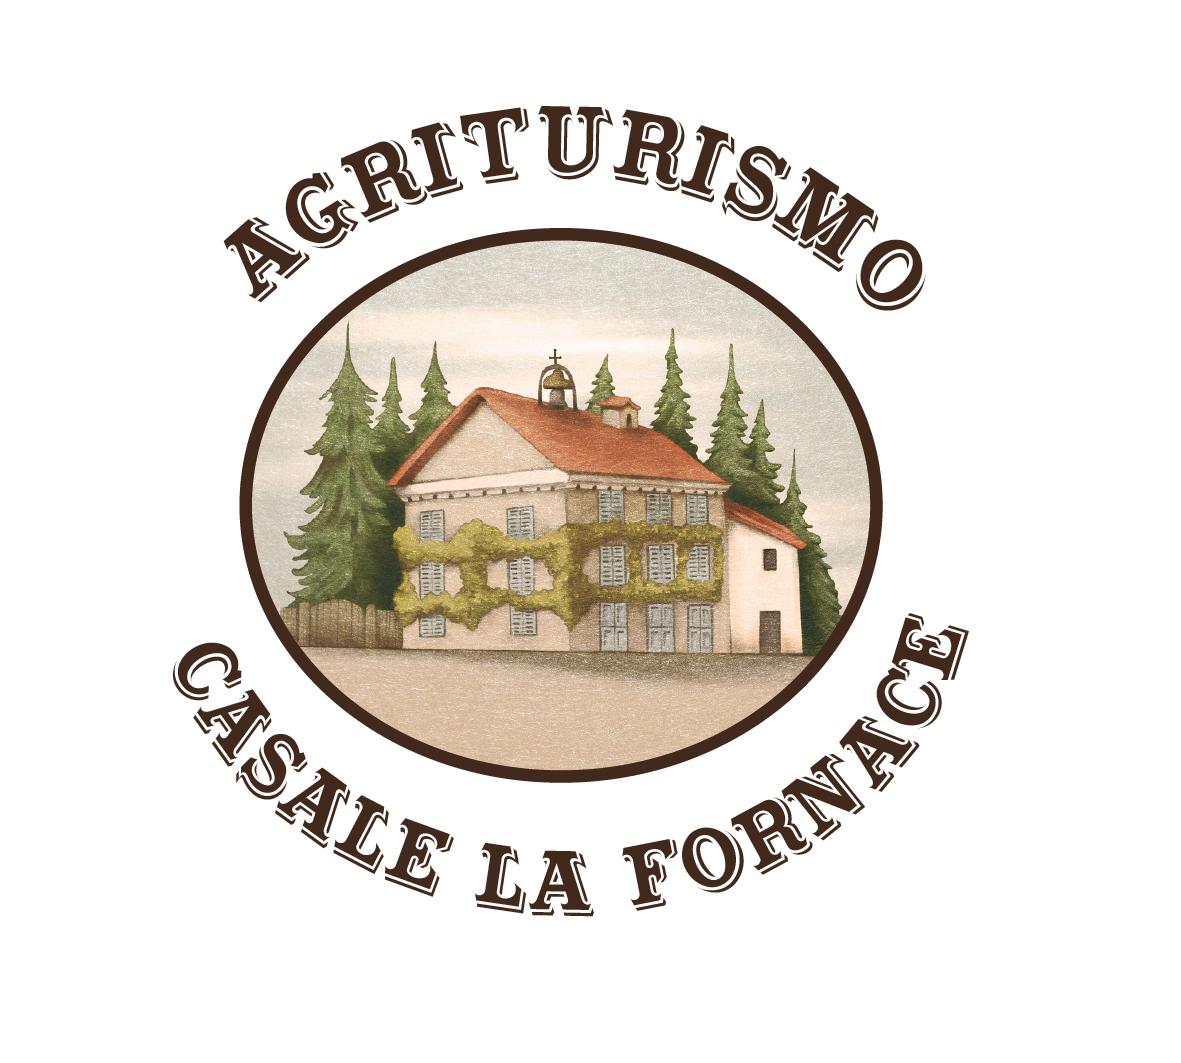 AGRITURISMO CASALE LA FORNACE - SS 3 Flaminia - COSTACCIARO (Pg)Tel. +39 075.9170181